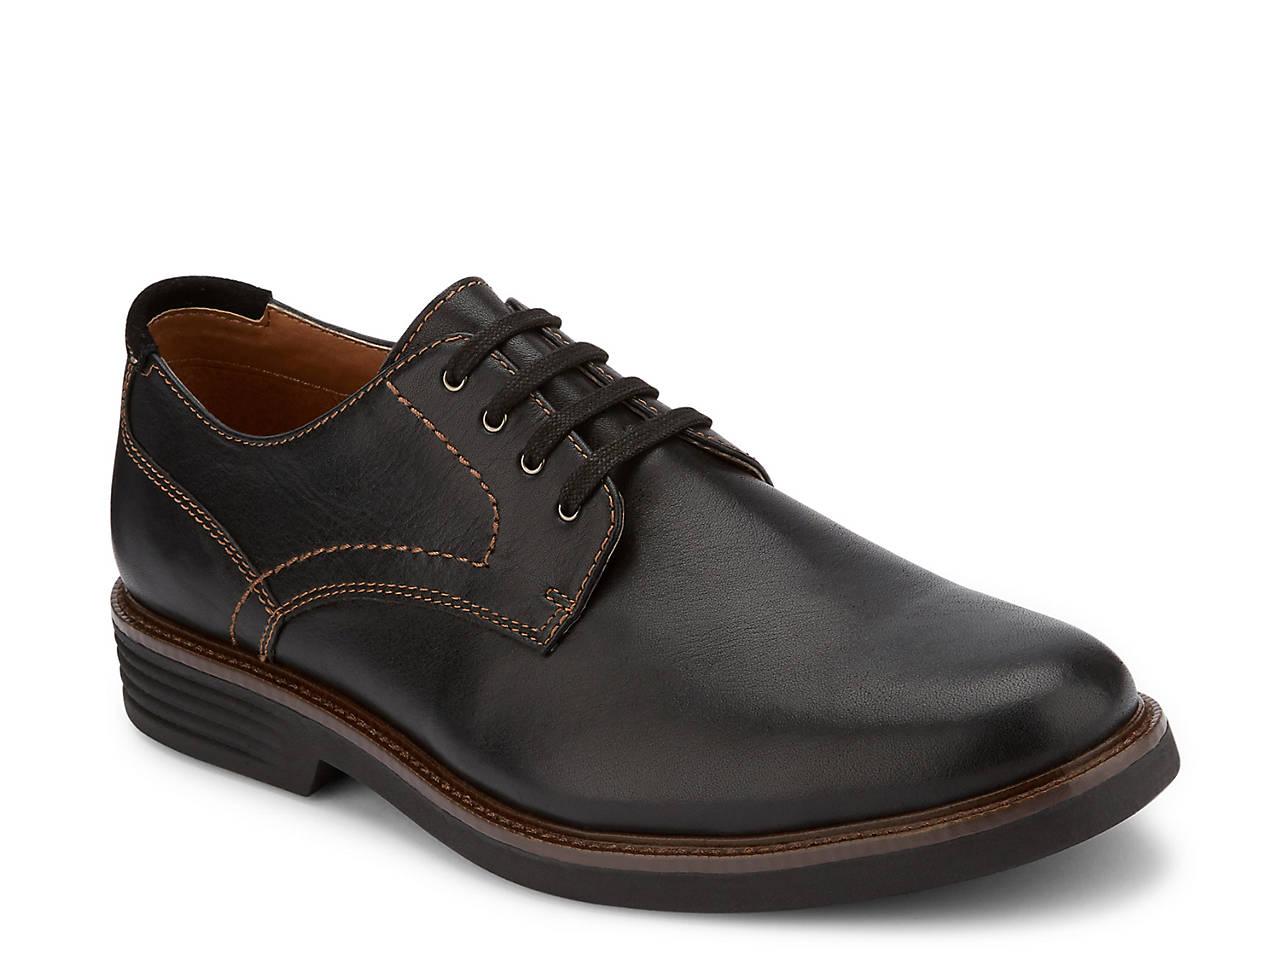 d99d4d2a40 Dockers Parkway Oxford Men s Shoes